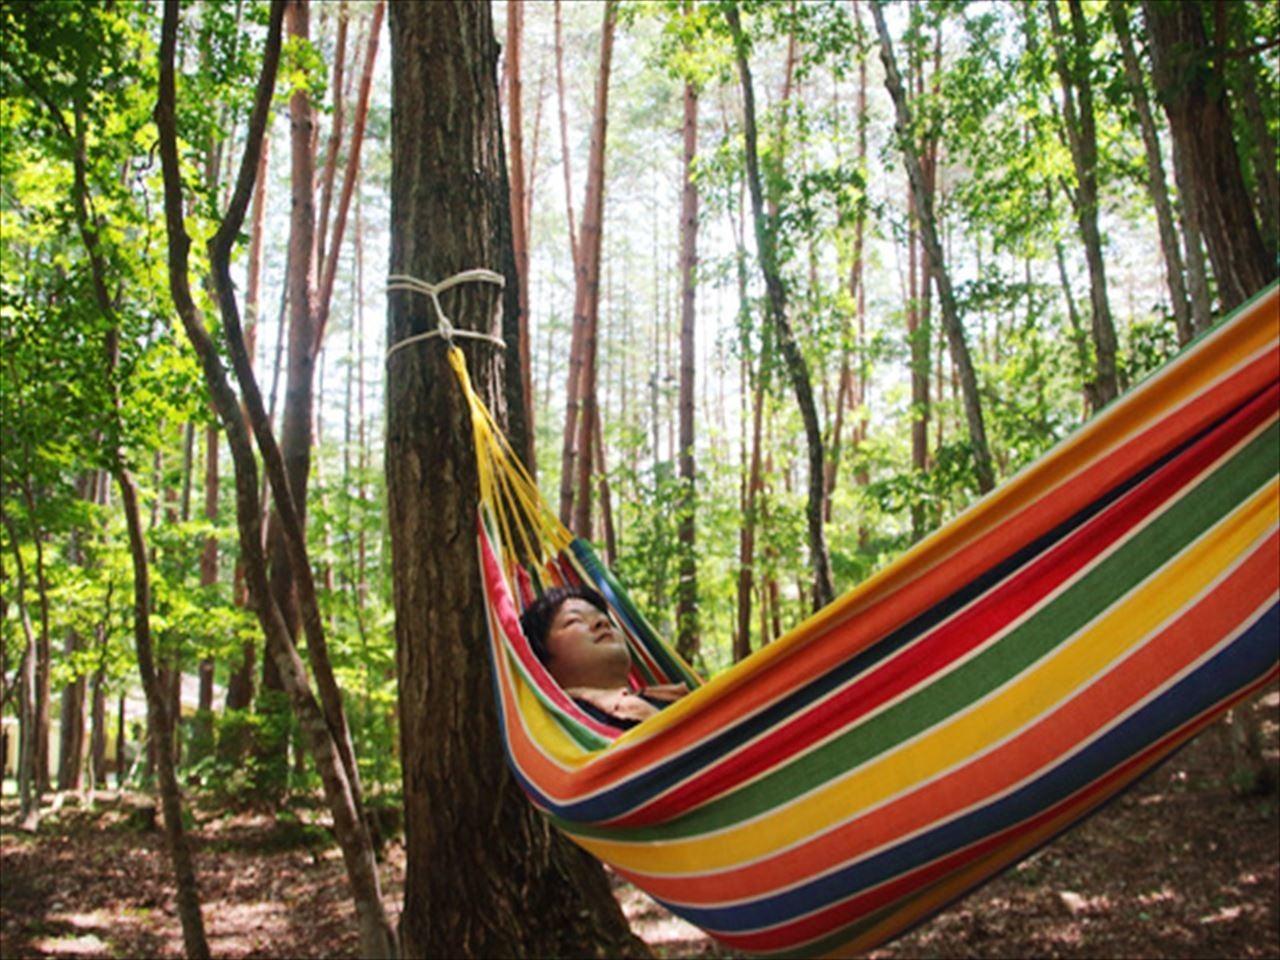 森の中の貸切合宿施設Cloud Camp のサムネイル